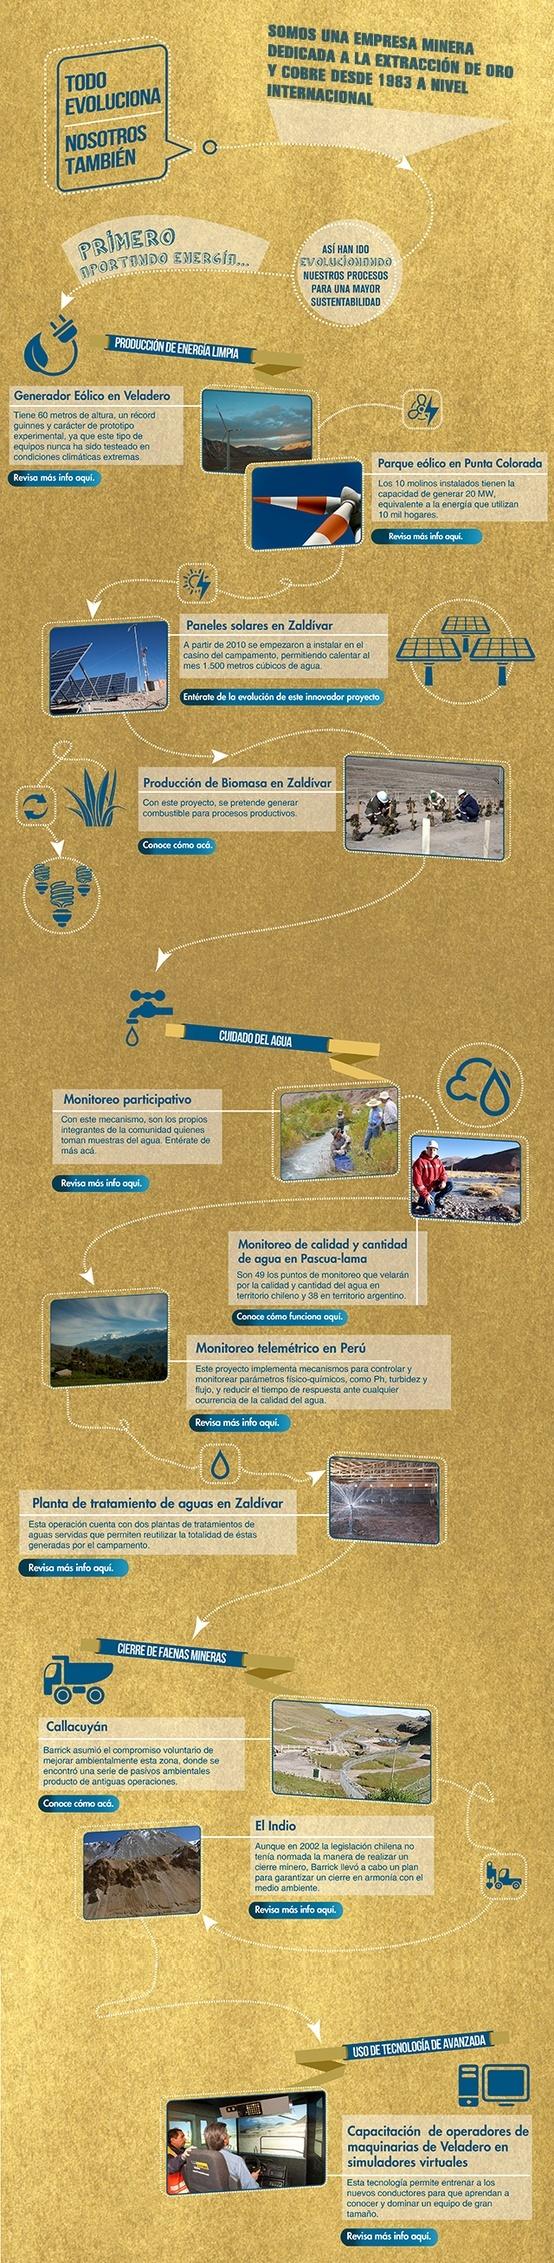 Conoce algunos ejemplos de nuestra evolución -  Infografía completa en el sitio de Barrick Sudamérica http://barricksudamerica.com